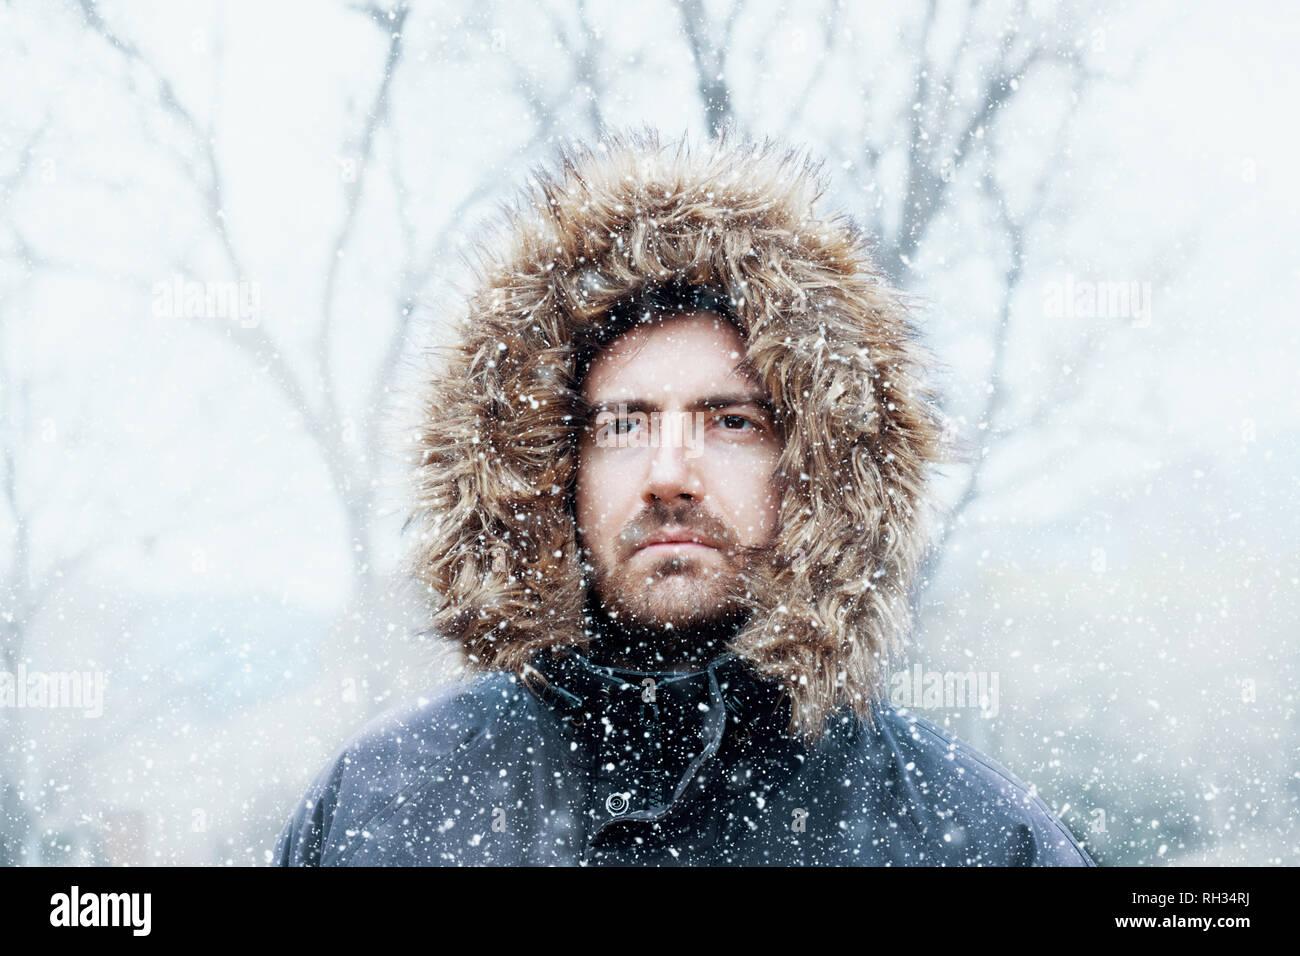 El hombre en la temporada de invierno y día de nieve Foto de stock